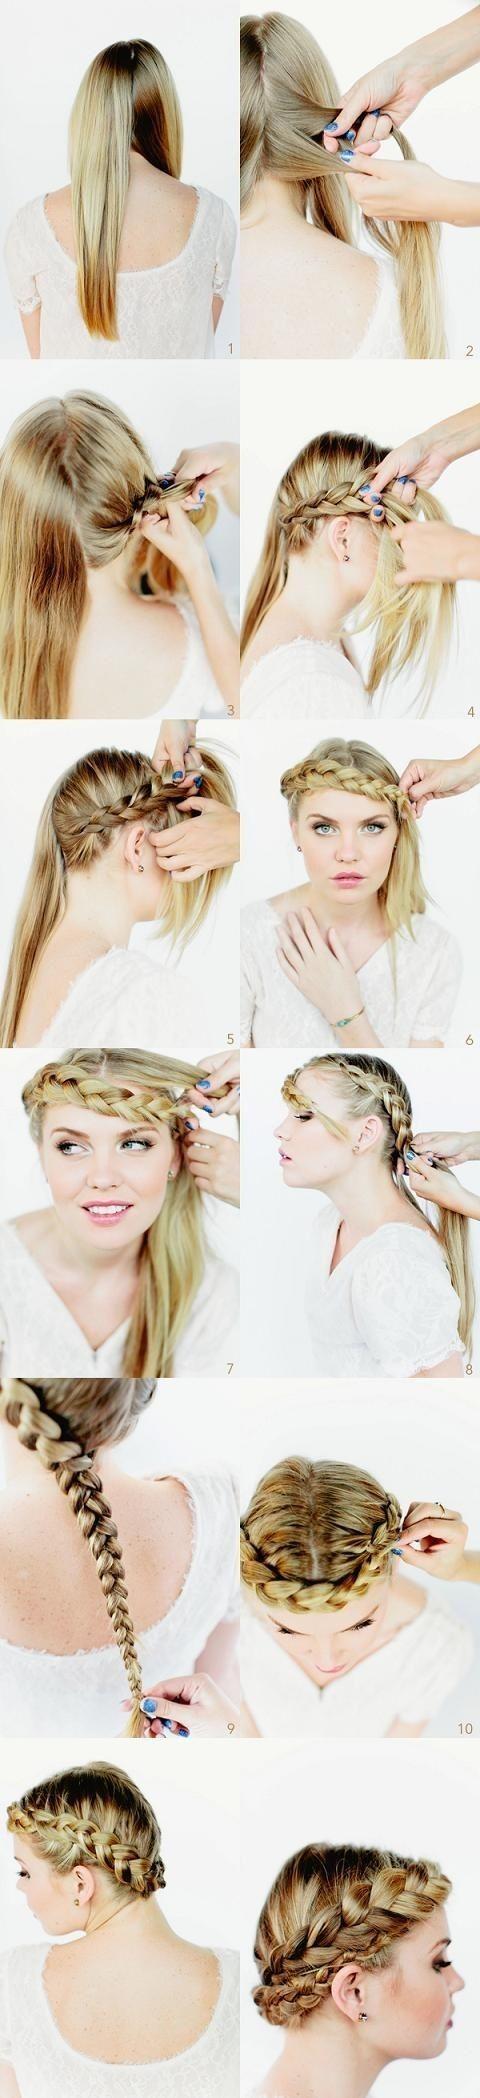 Прически с плетением на короткие волосы фото пошагово